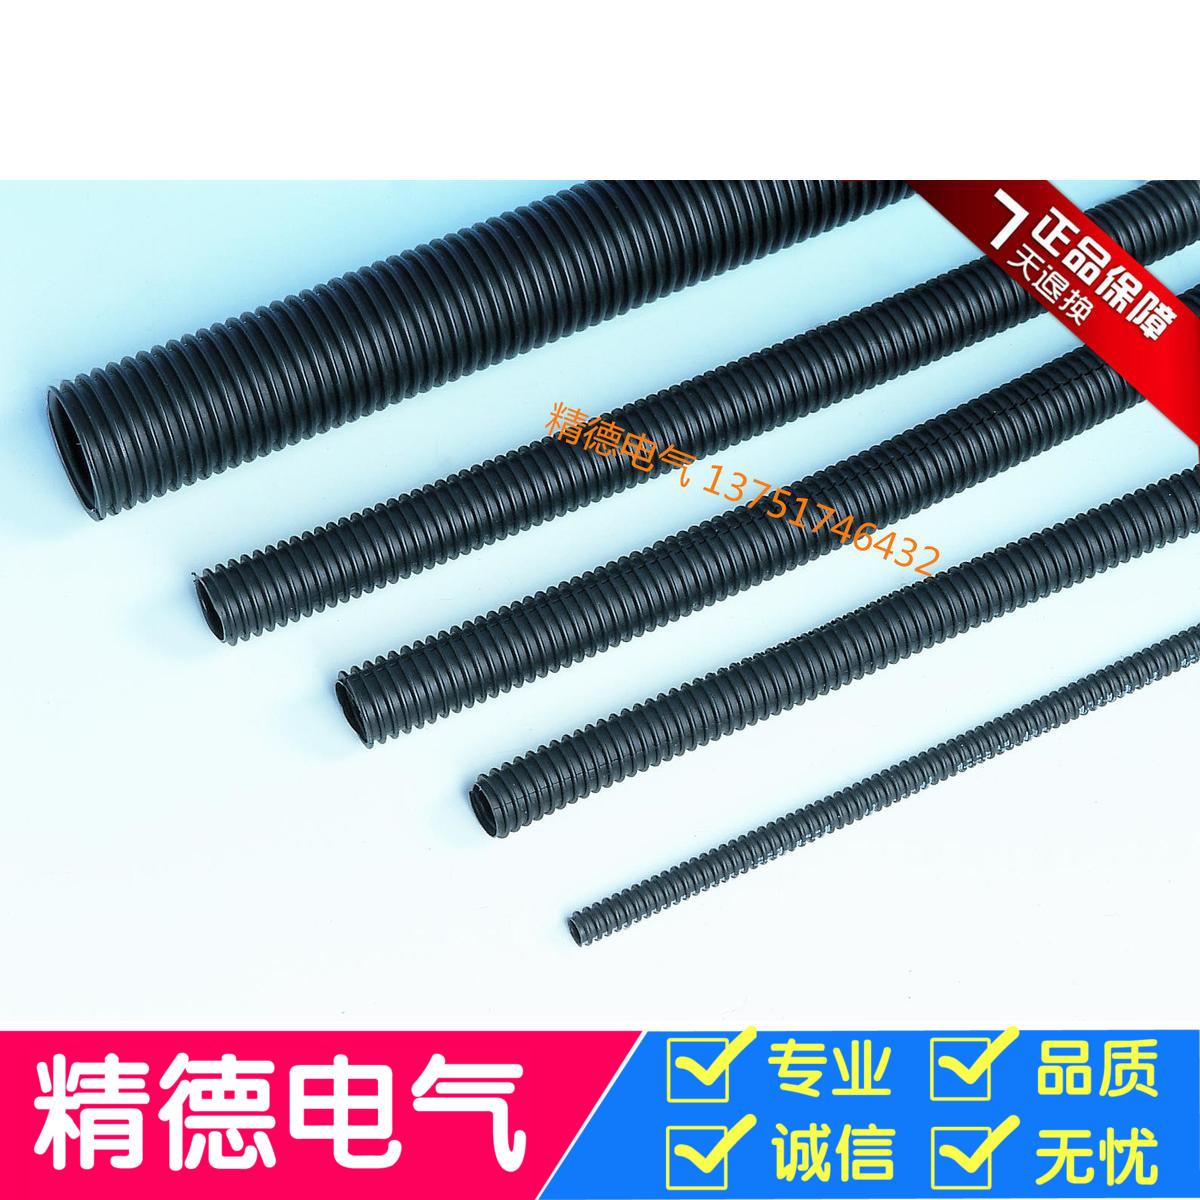 30mm汽车专用波纹管 阻燃耐高温螺纹管 隔热管波浪管电线电缆套管